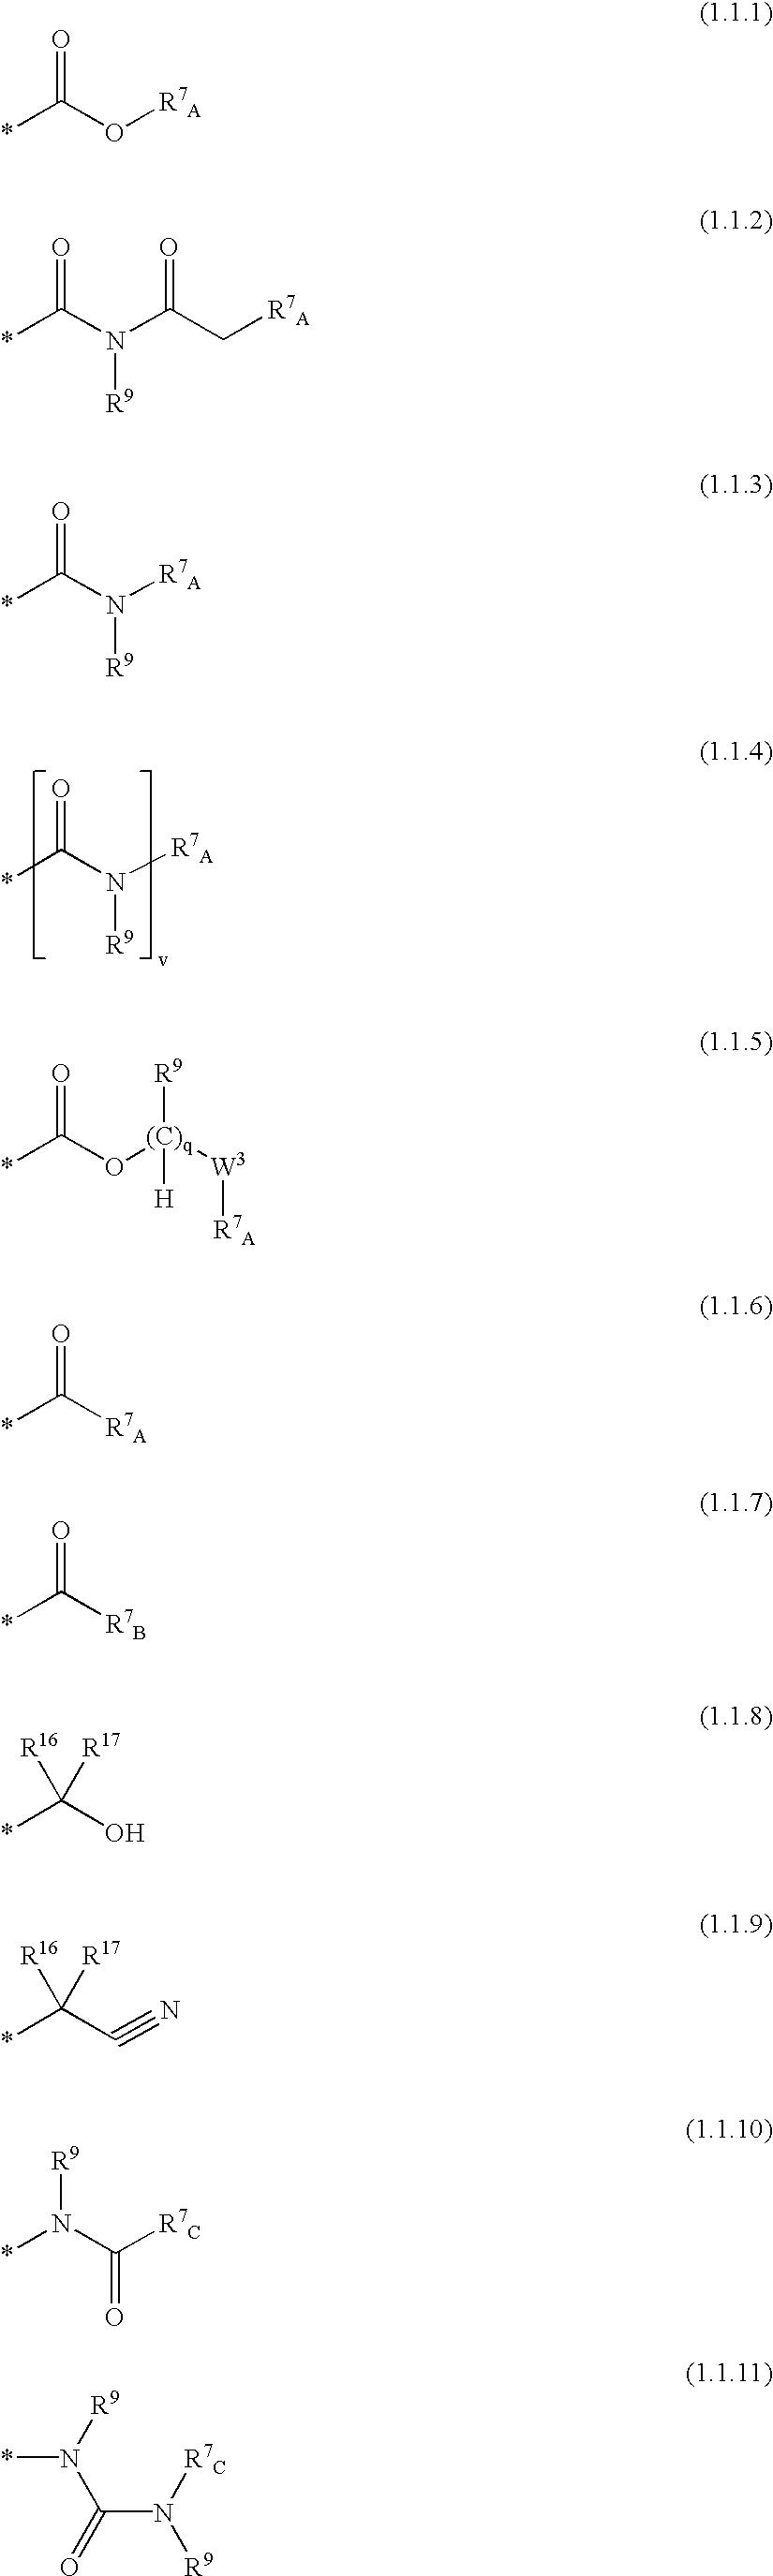 Figure US20030186974A1-20031002-C00091